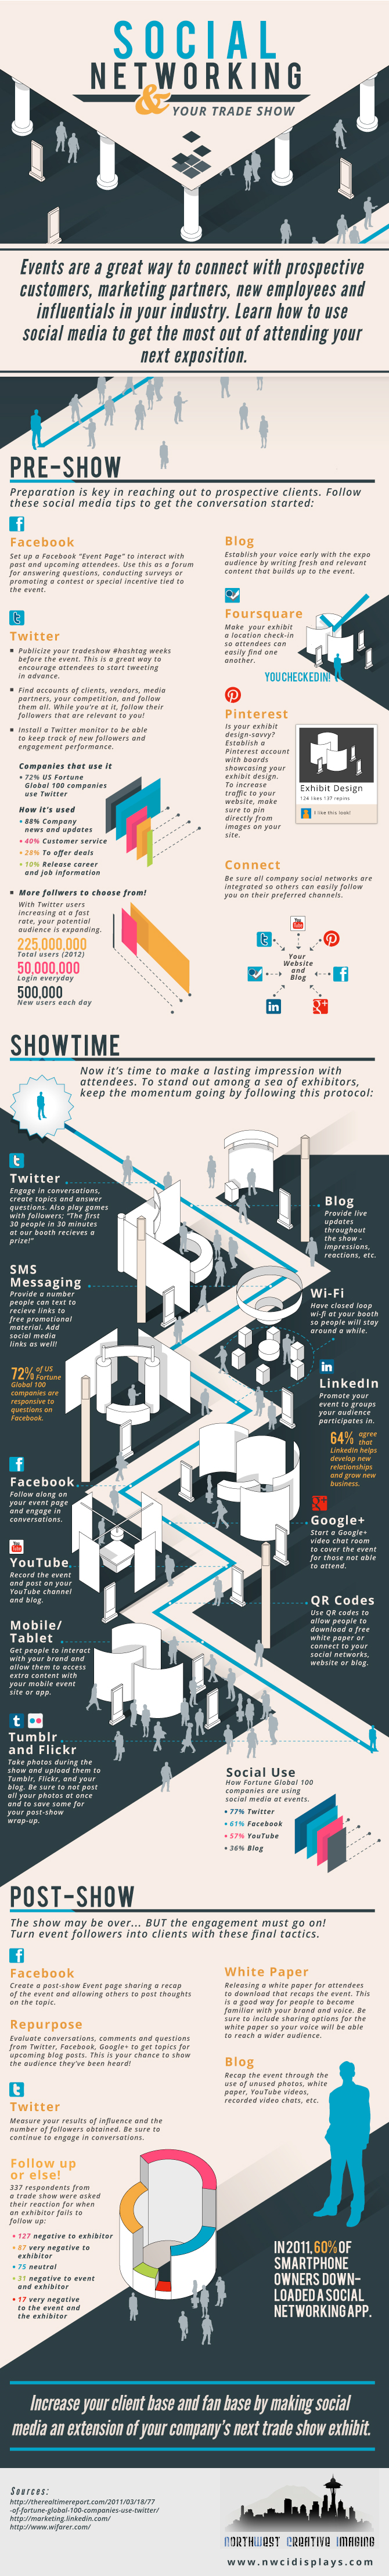 Twitter, Facebook, Pinterest, Foursquare - Fuarlarda Sosyal Medya Nasıl Kullanılmalı?